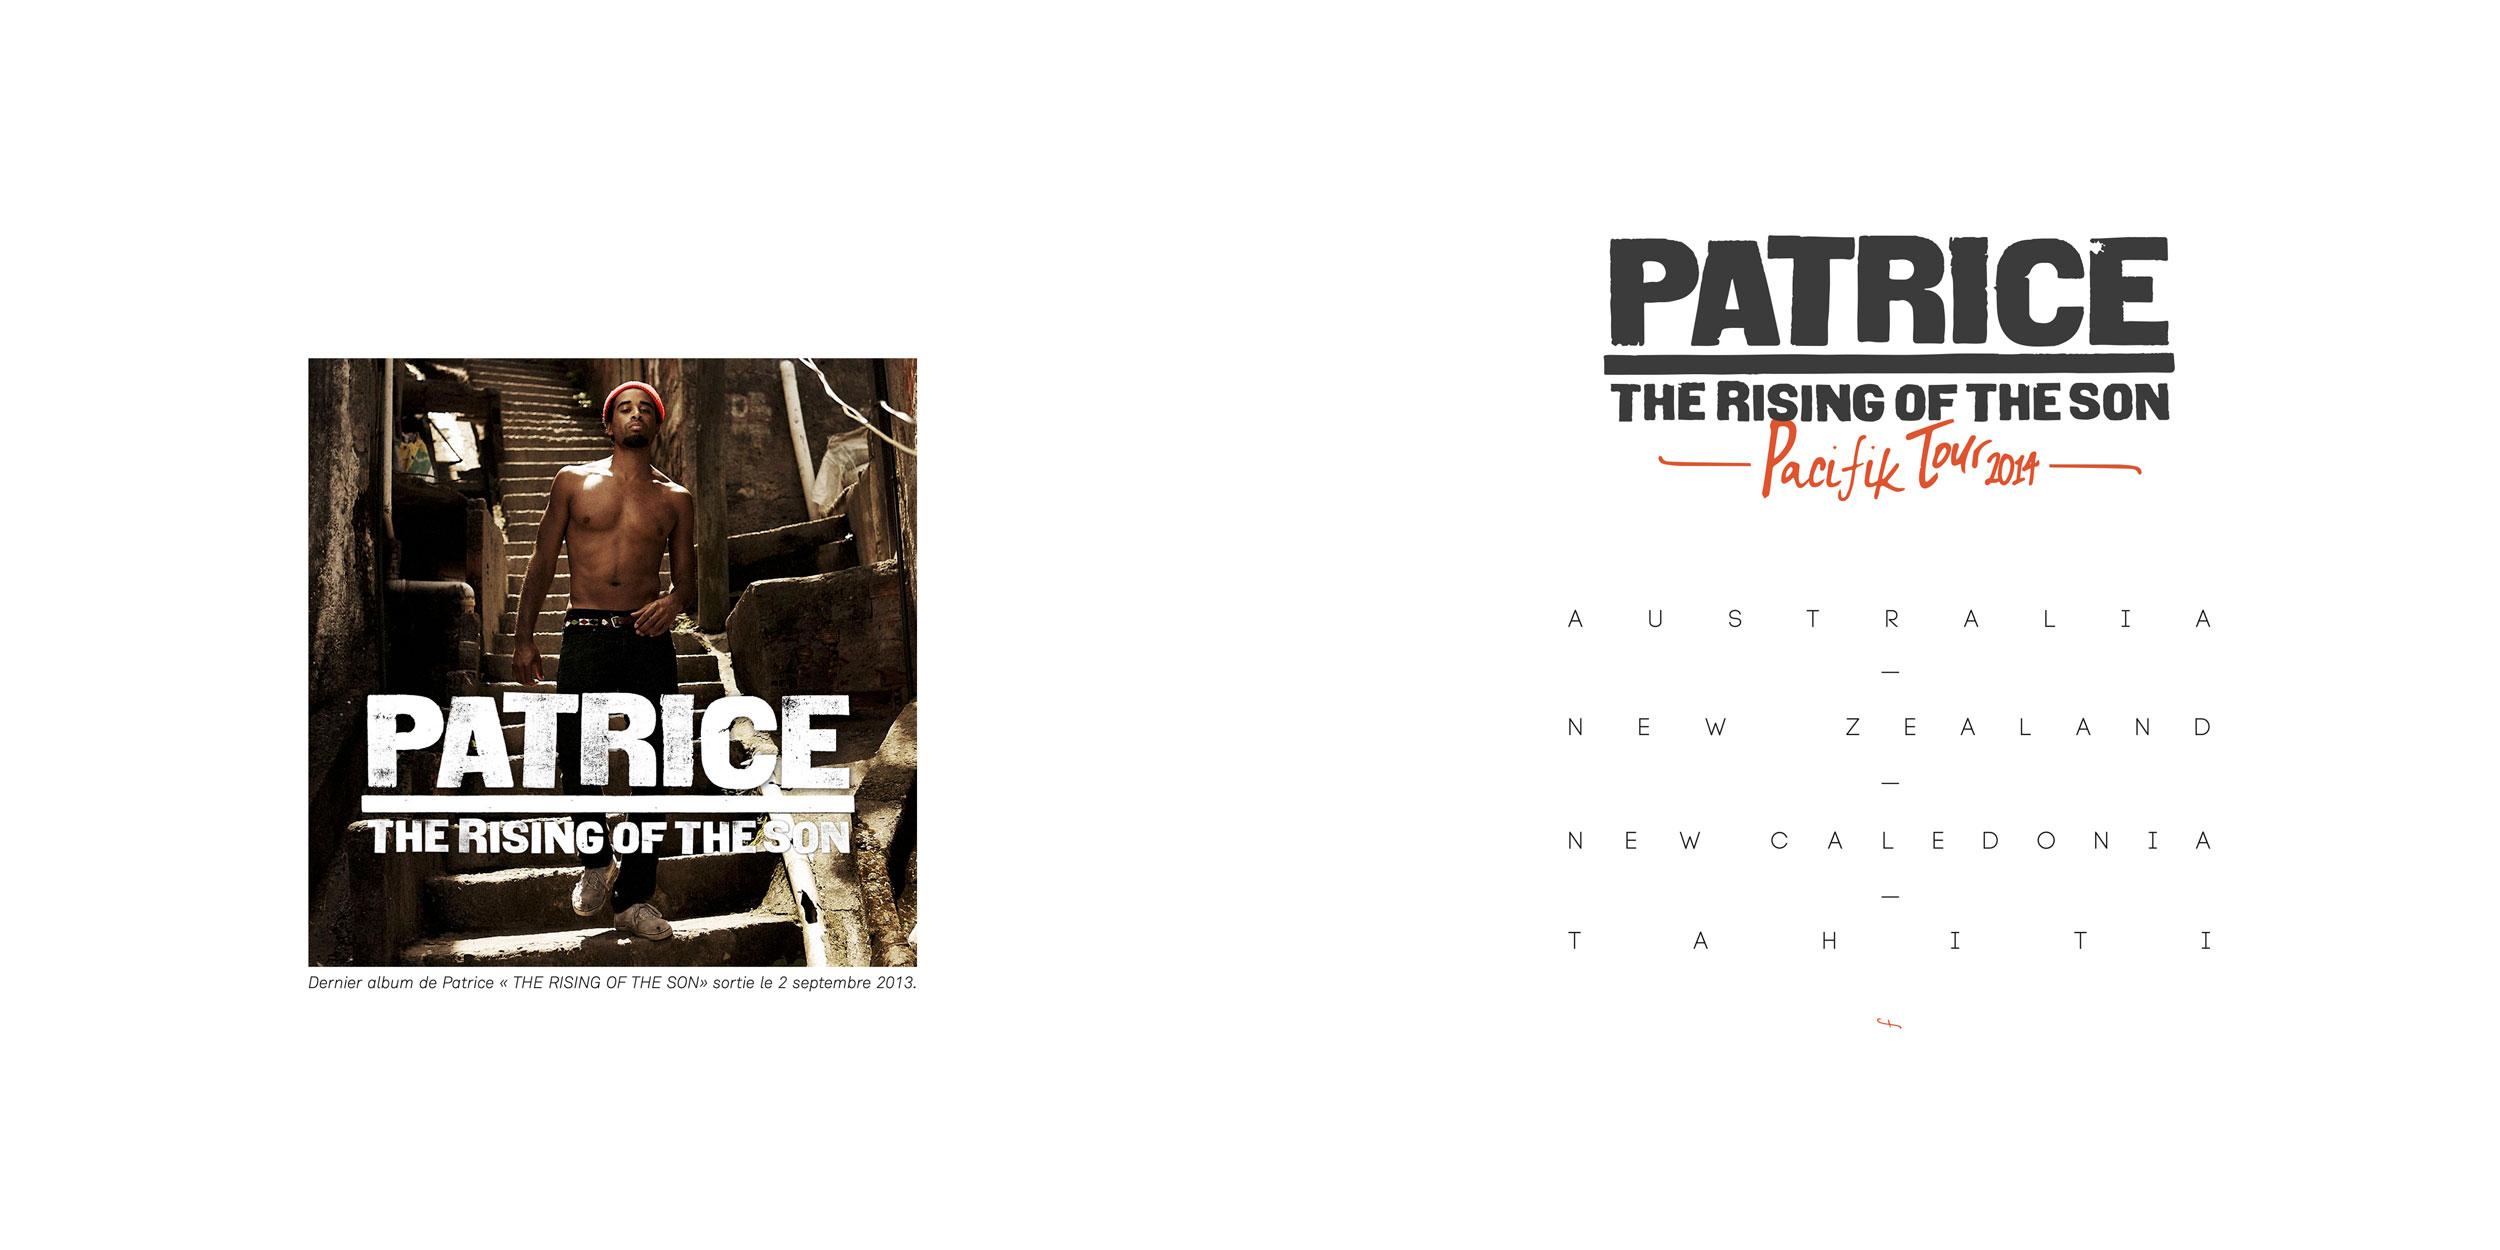 PRESS-BOOK—PATRICE—PACIFIK-TOUR-2